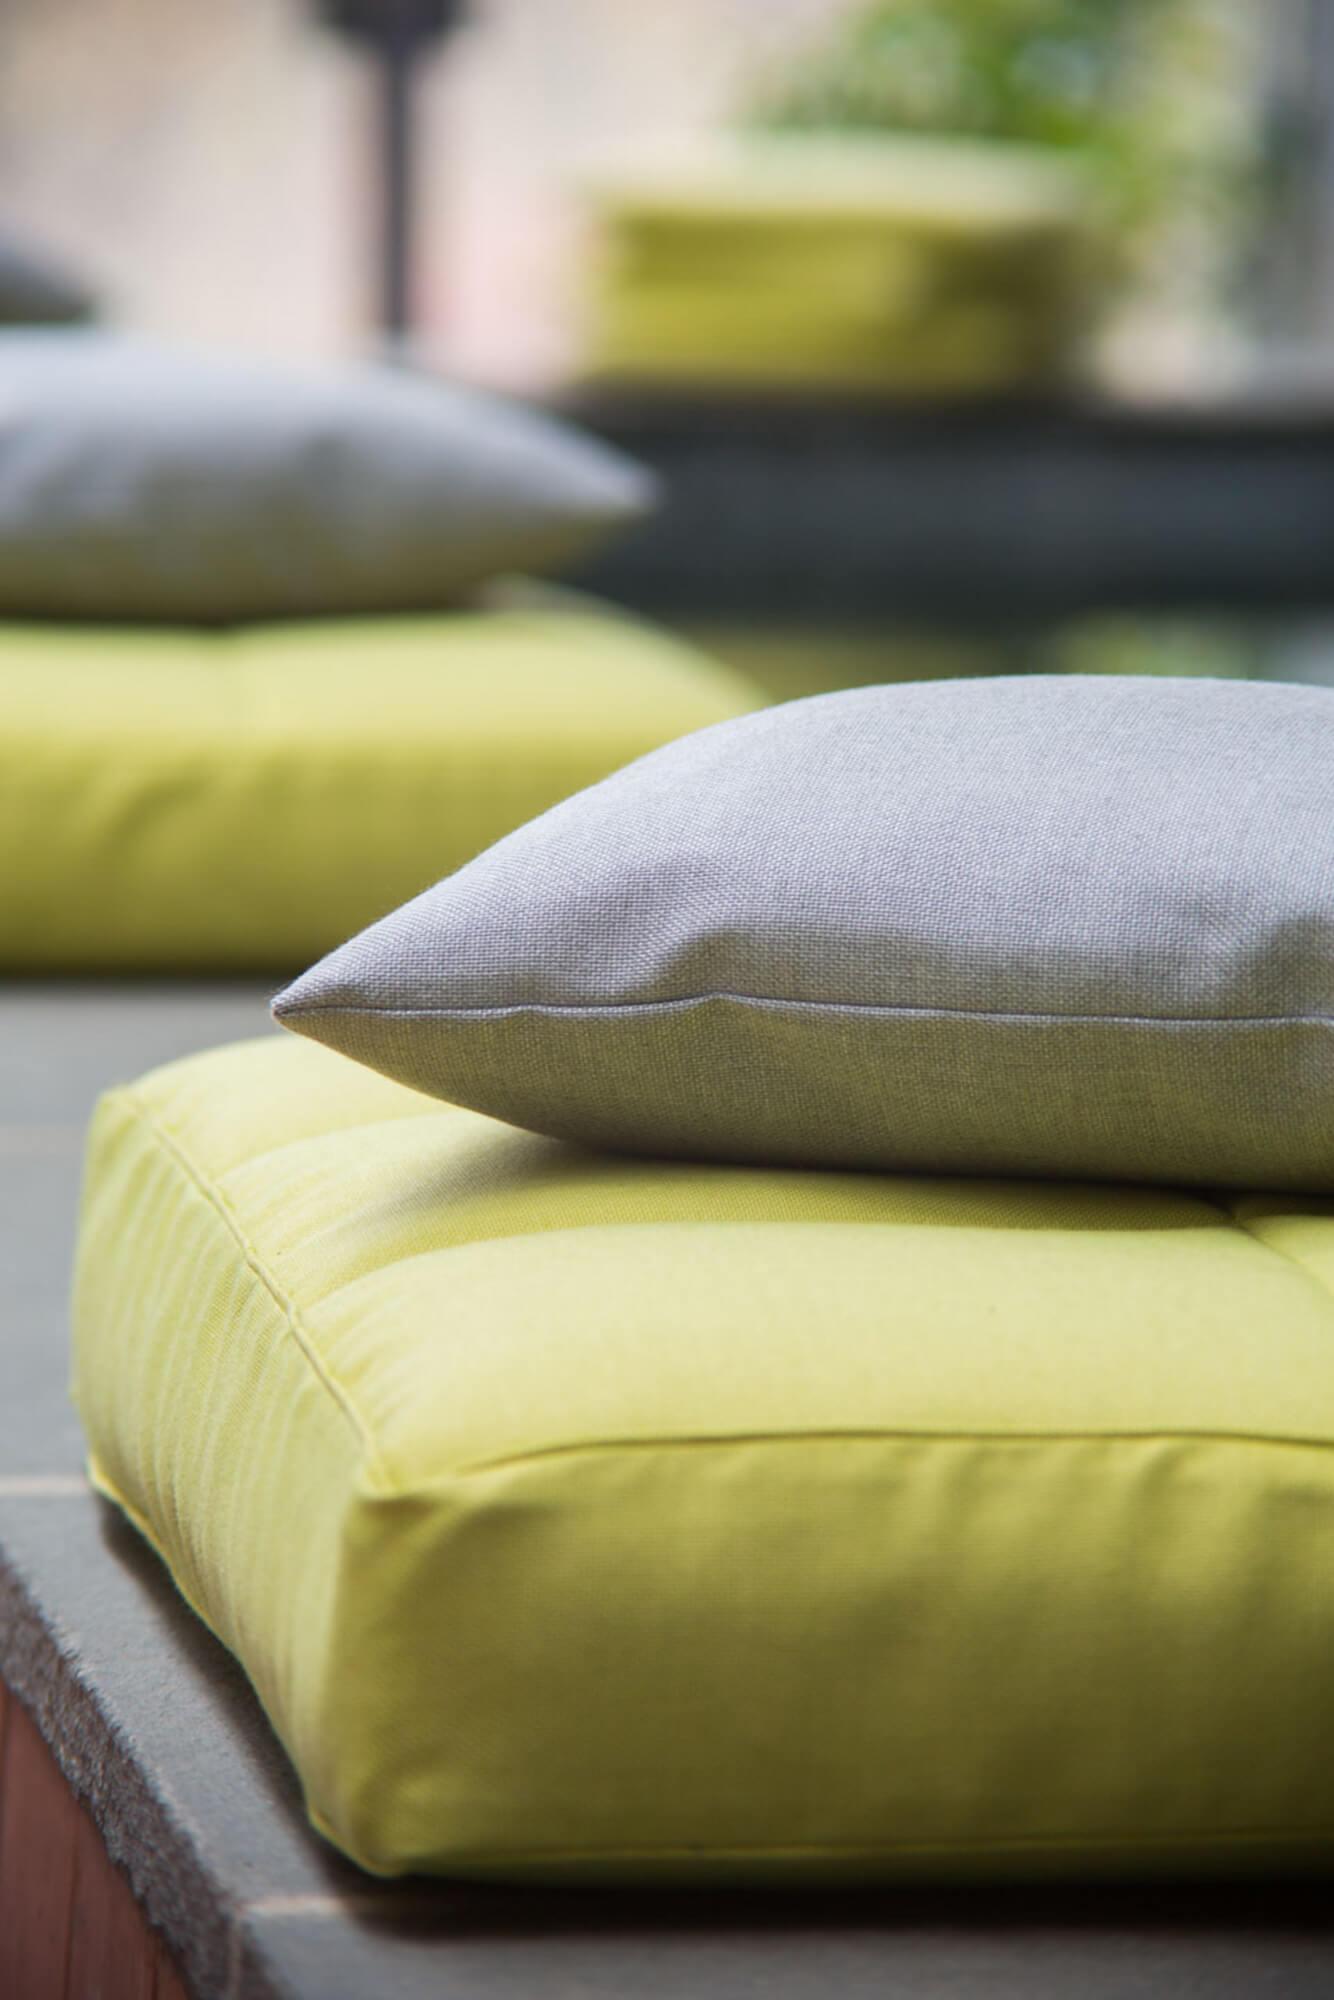 Chồng gối màu xám và xanh lá làm bằng các loại vải từ bộ sưu tập Sunbrella Shift